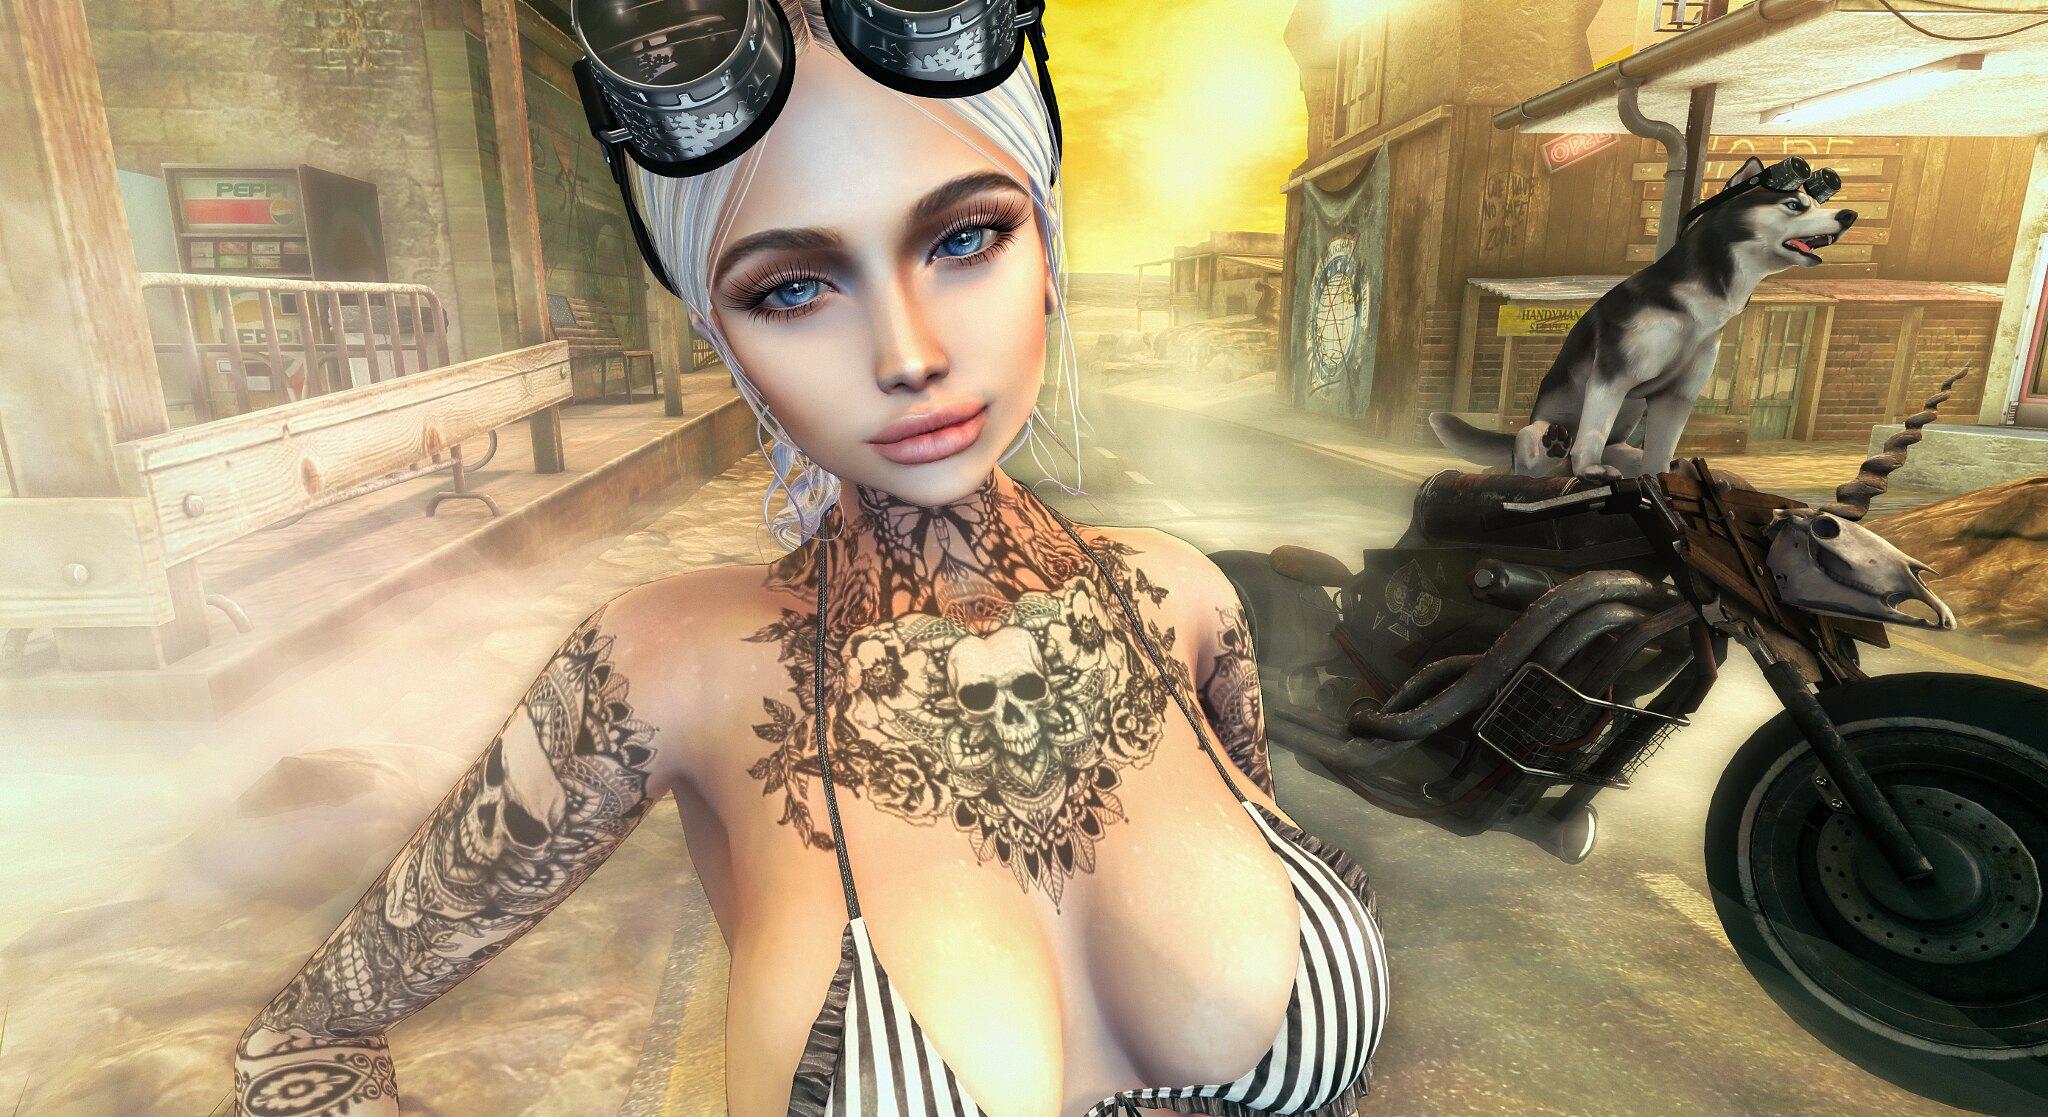 White Widow DarkTower